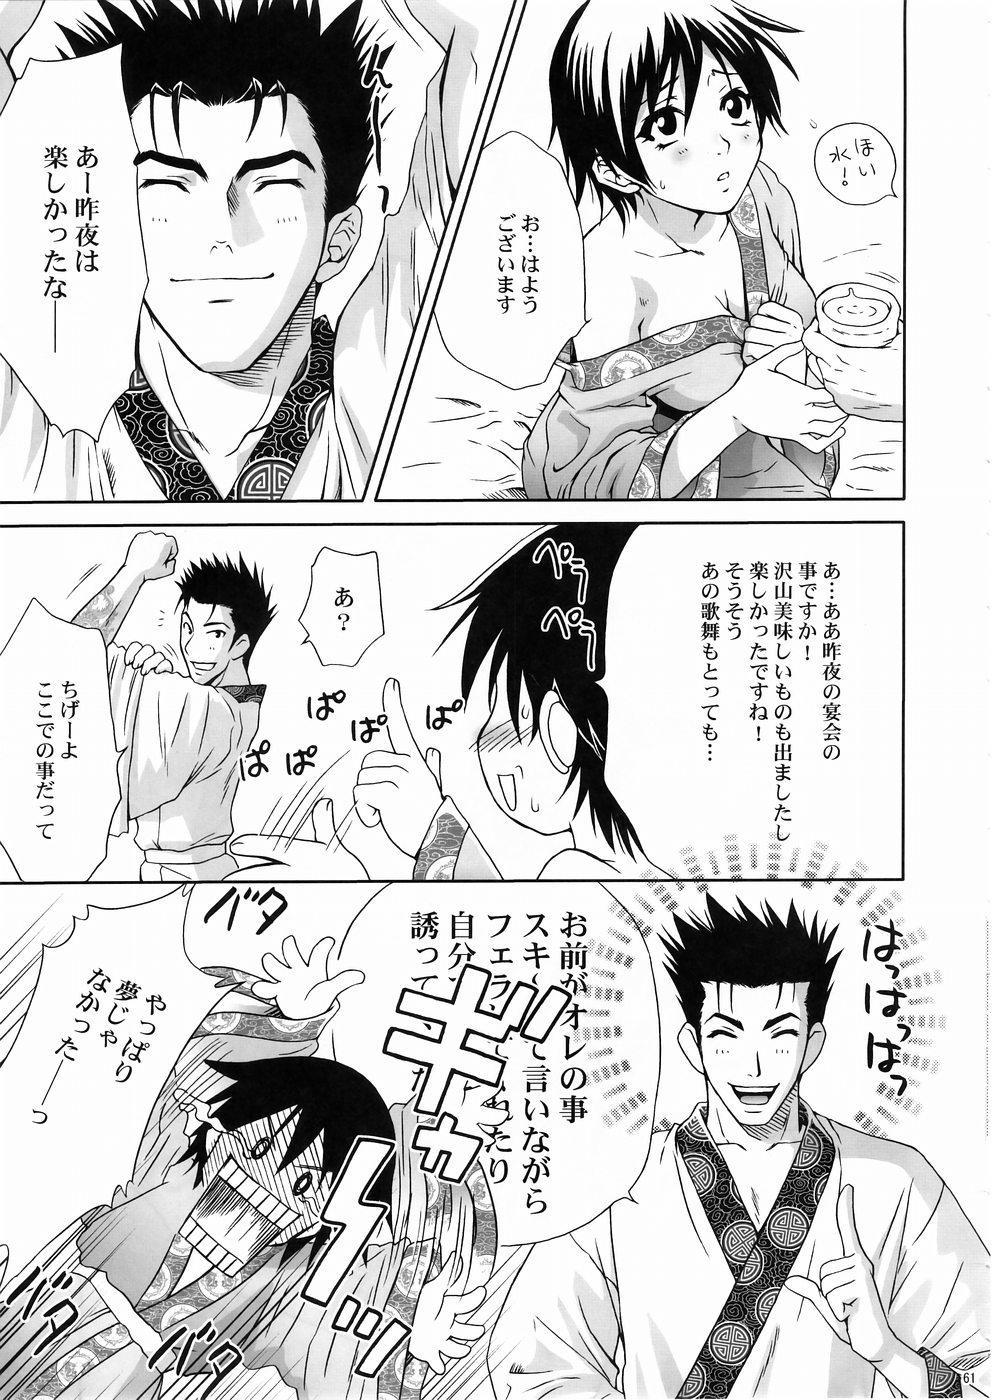 In Sangoku Musou 3 59